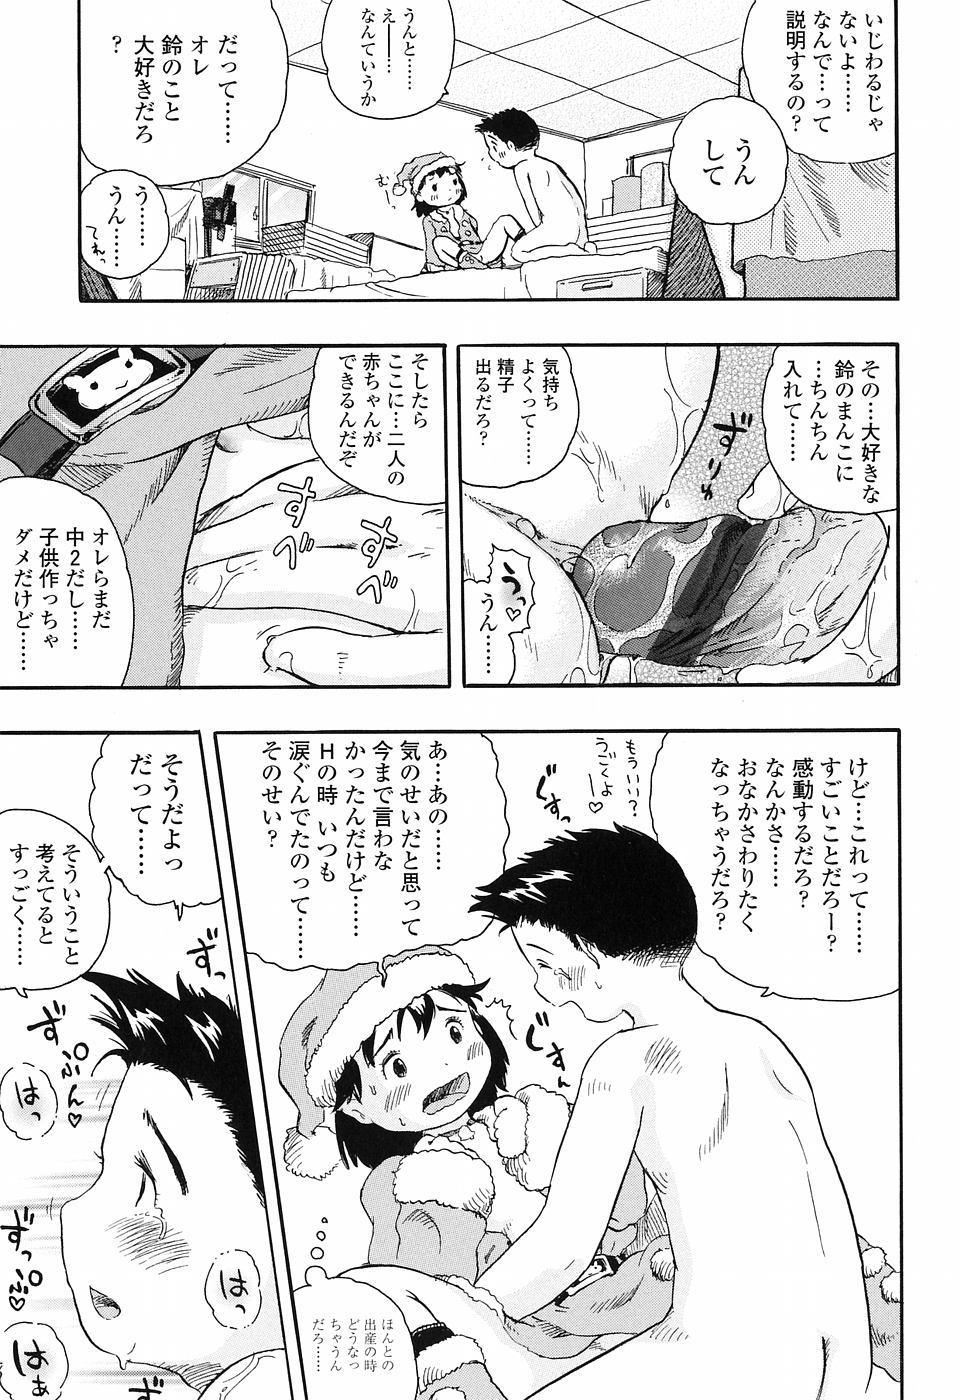 Koisuru Fukurami 102